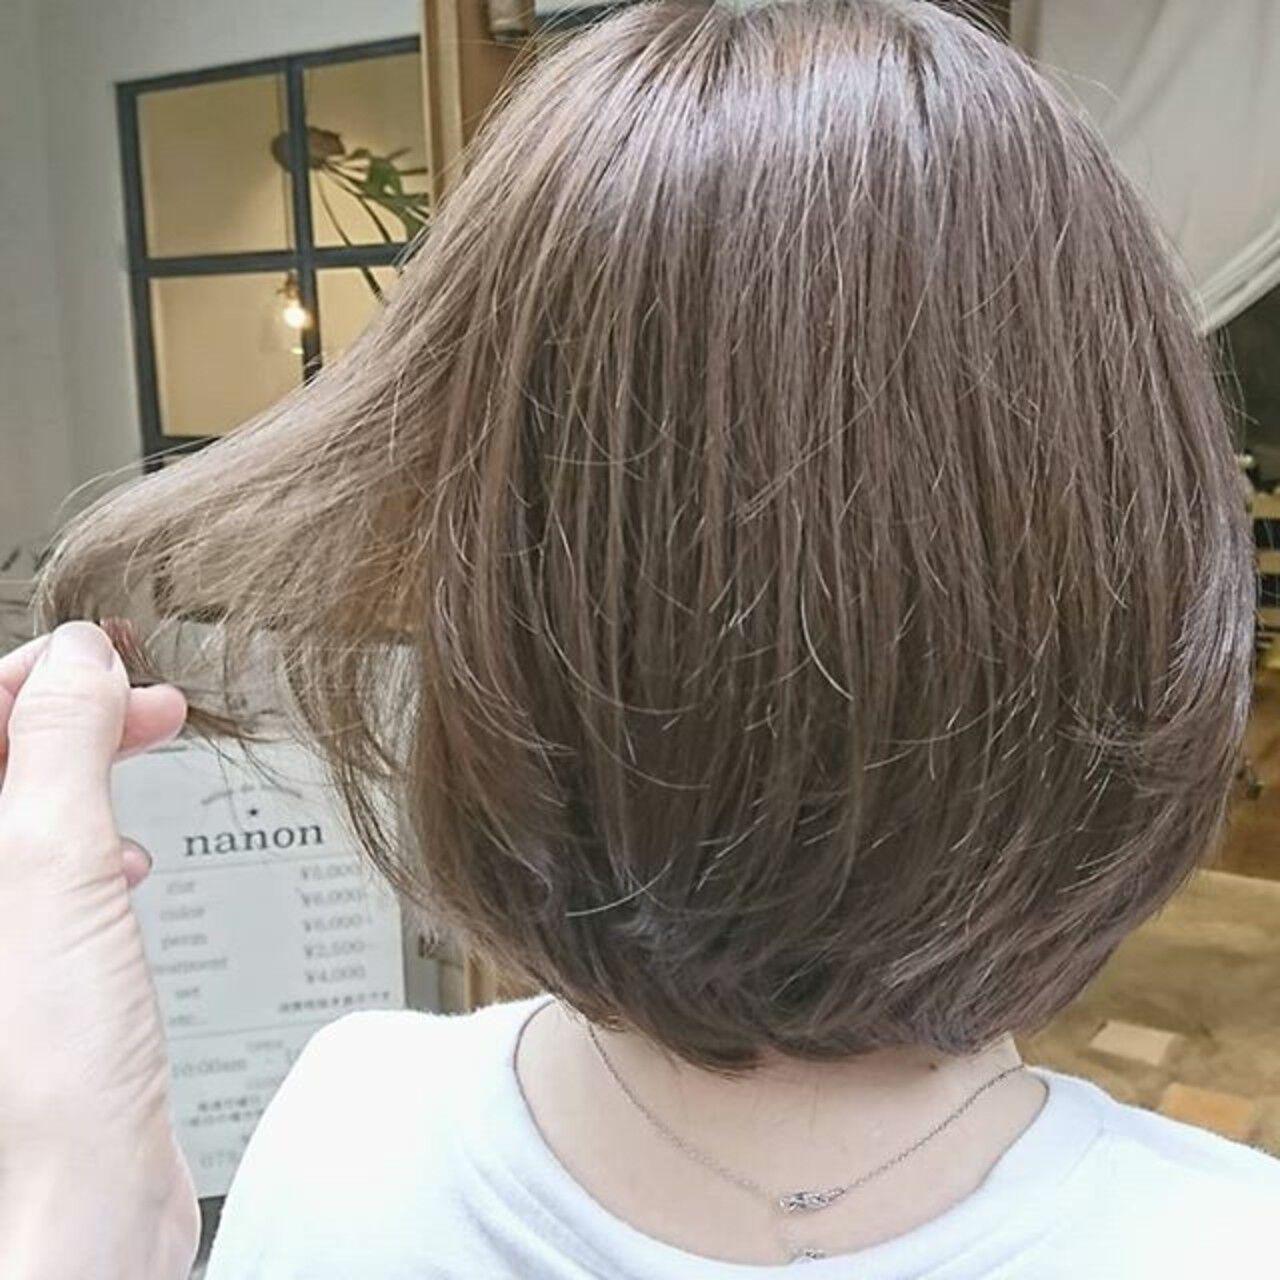 ナチュラル ゆるふわ 大人かわいい ショートヘアスタイルや髪型の写真・画像